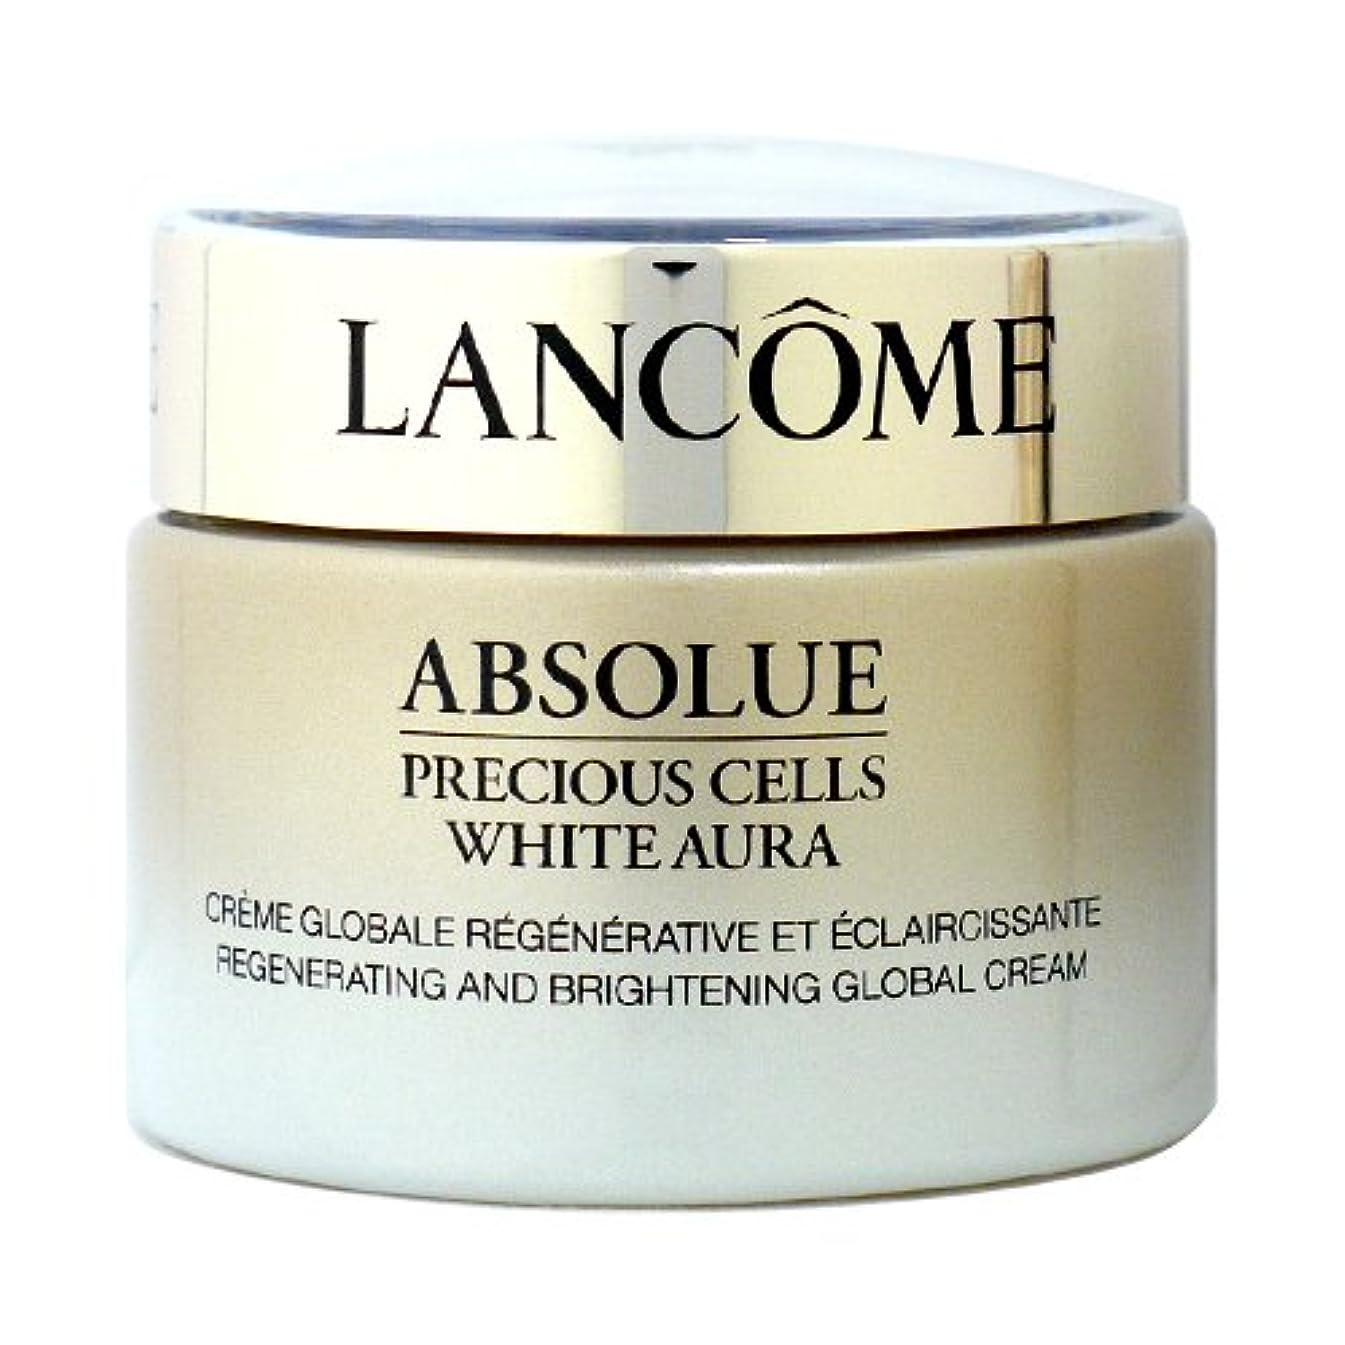 好む近く瞬時にランコム アプソリュ プレシャスセル ホワイトオーラ クリーム N 50ml